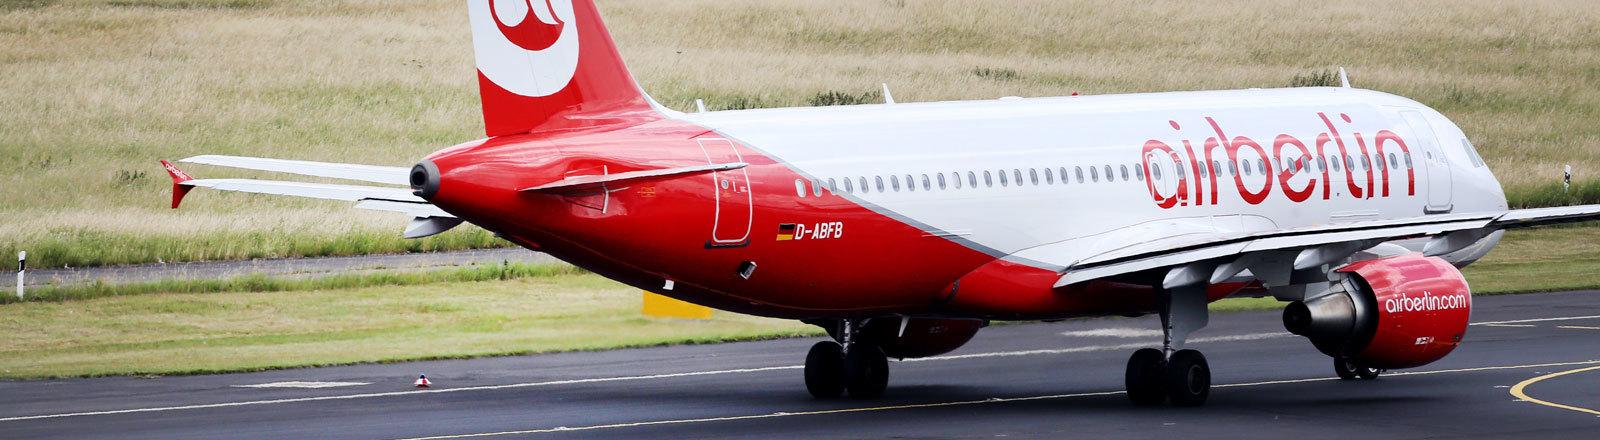 Ein Flugzeug von Air Berlin landet am 13.06.2017 auf dem Flughafen von Düsseldorf (Nordrhein-Westfalen), im Vordergrund fährt dabei eine andere Maschine. Air Berlin hat Insolvenzantrag gestellt.